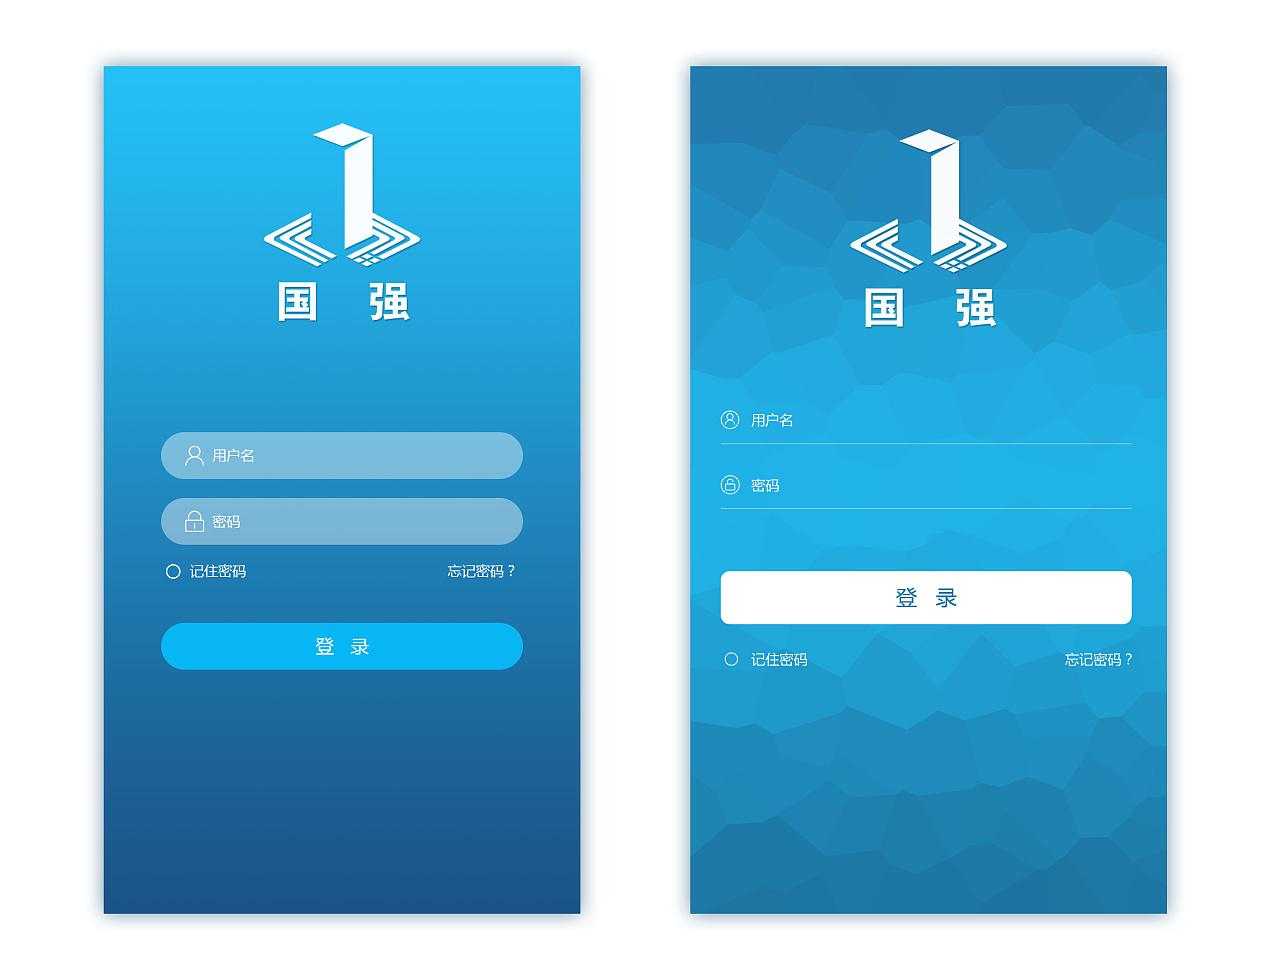 app 登录页,并附 几何图形背景图的简单制作图片